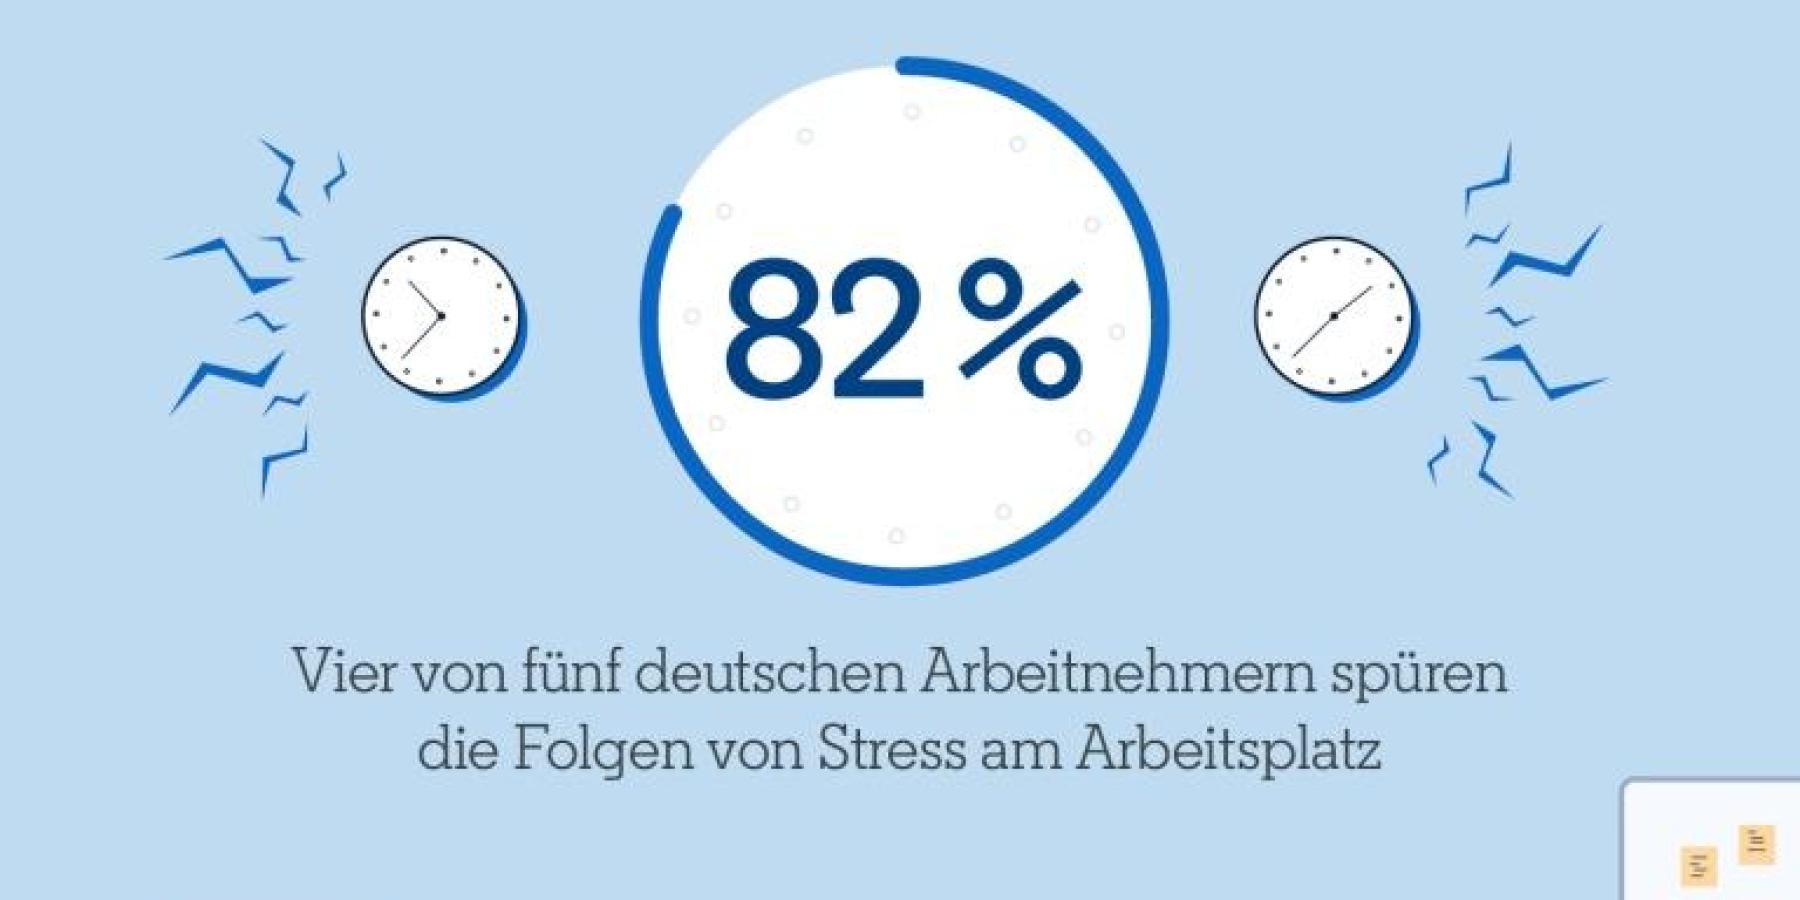 Stress in der Arbeit raubt 40 Prozent der Deutschen Arbeitnehmer den Schlaf